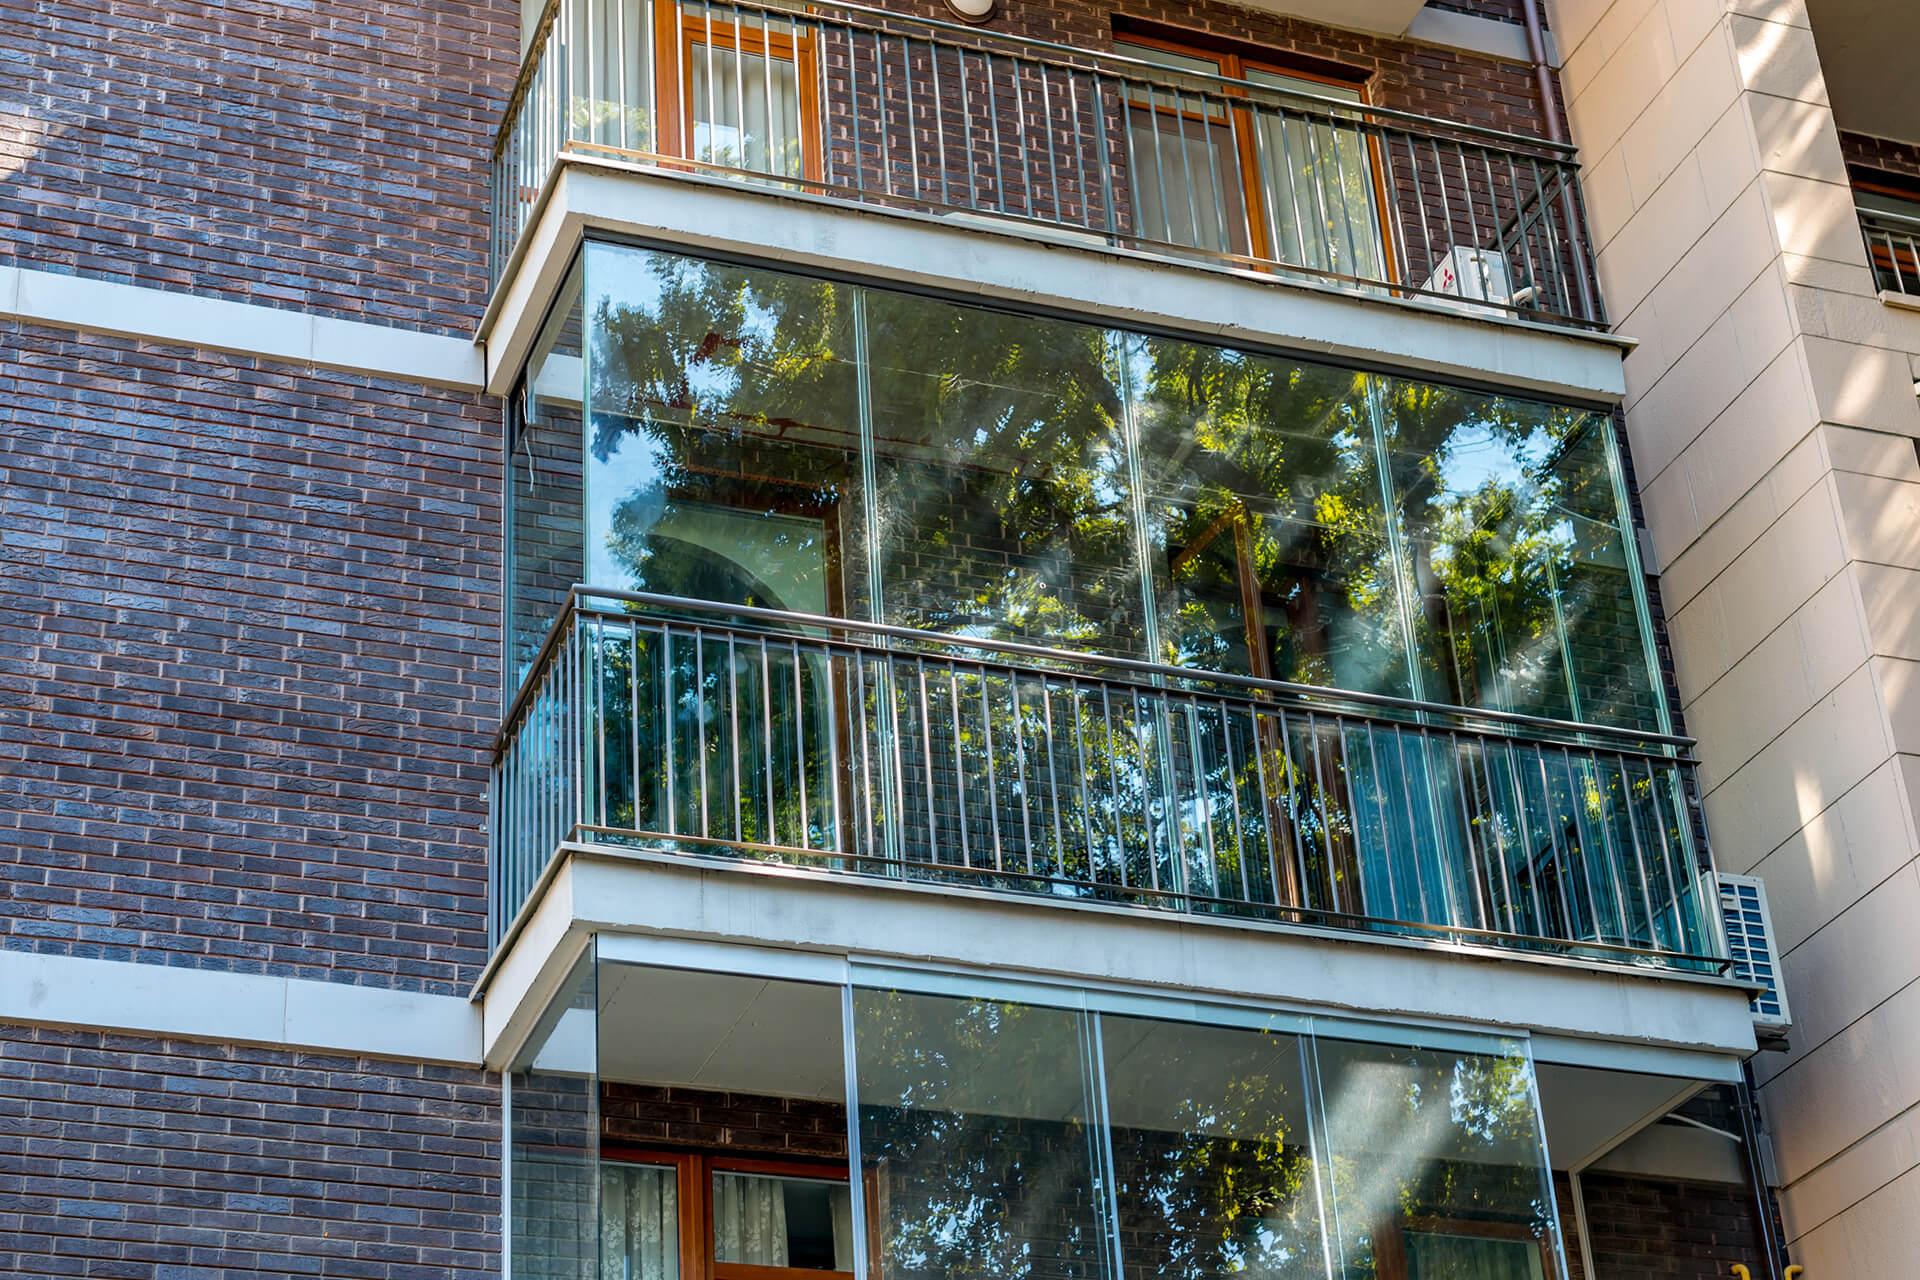 Остекление балкона (на прозрачной дистанции) портфолио prost.